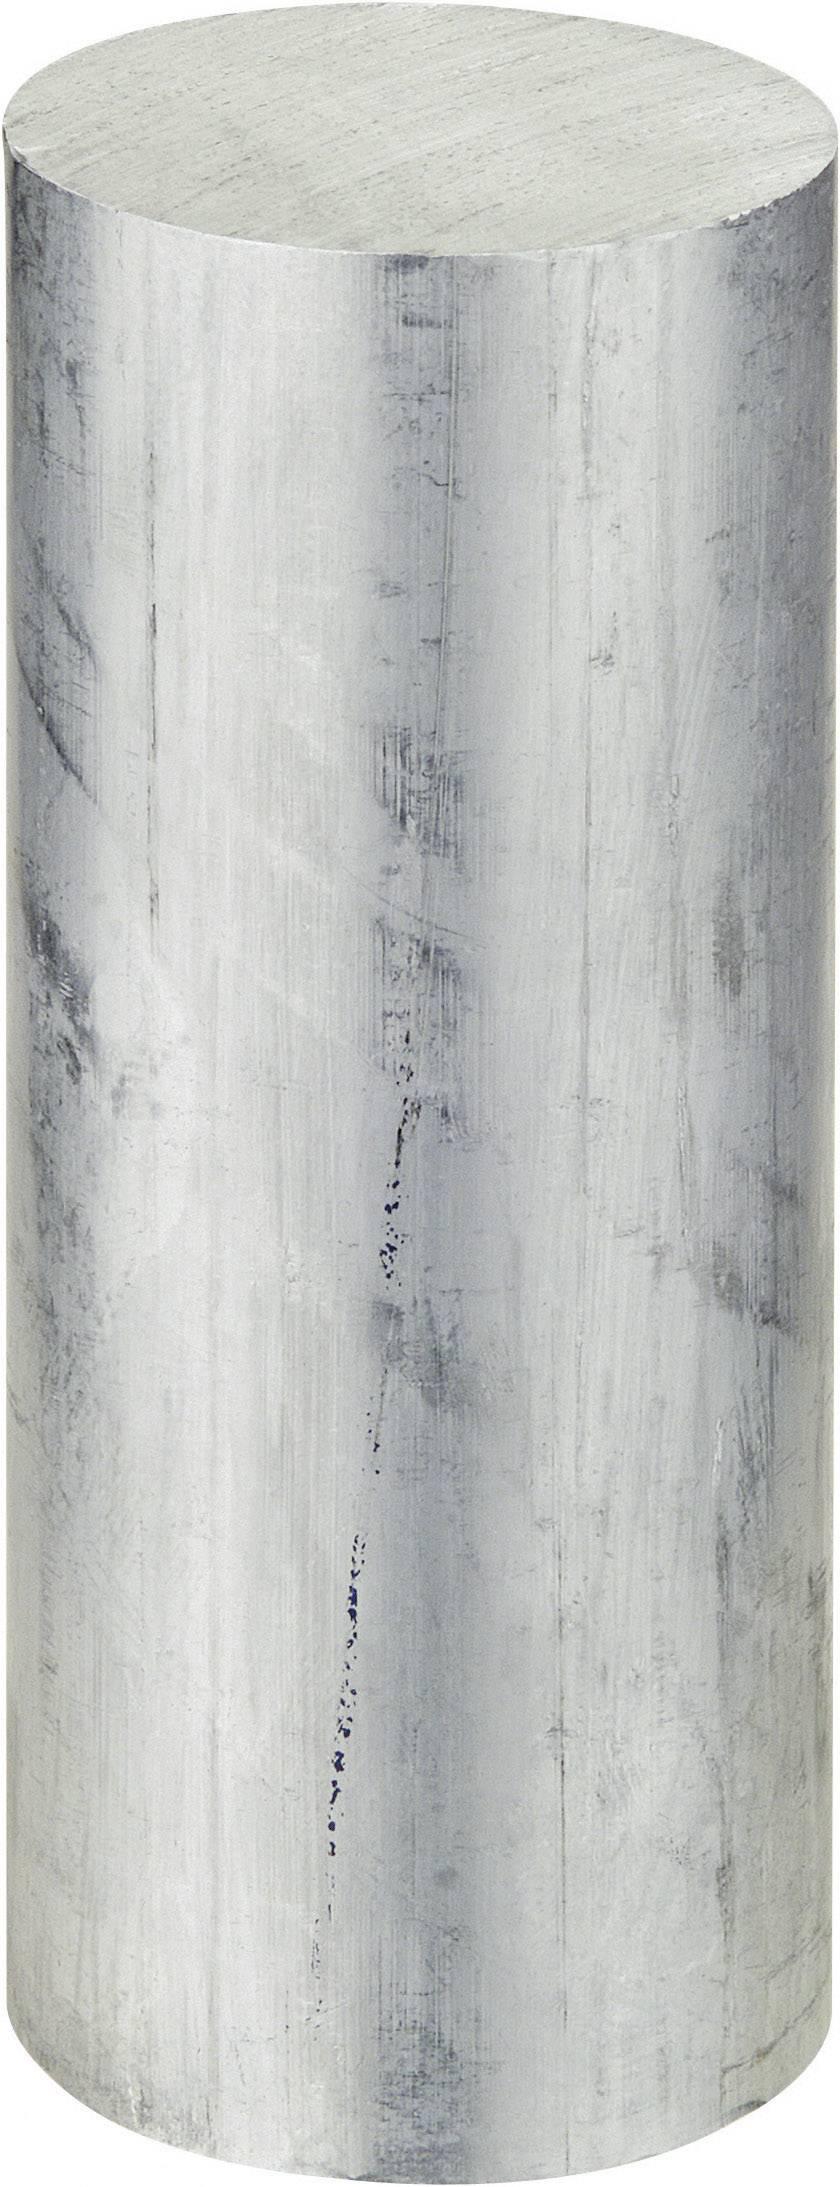 Kulatý profil Reely 237281, (Ø x d) 25 mm x 200 mm, hliník